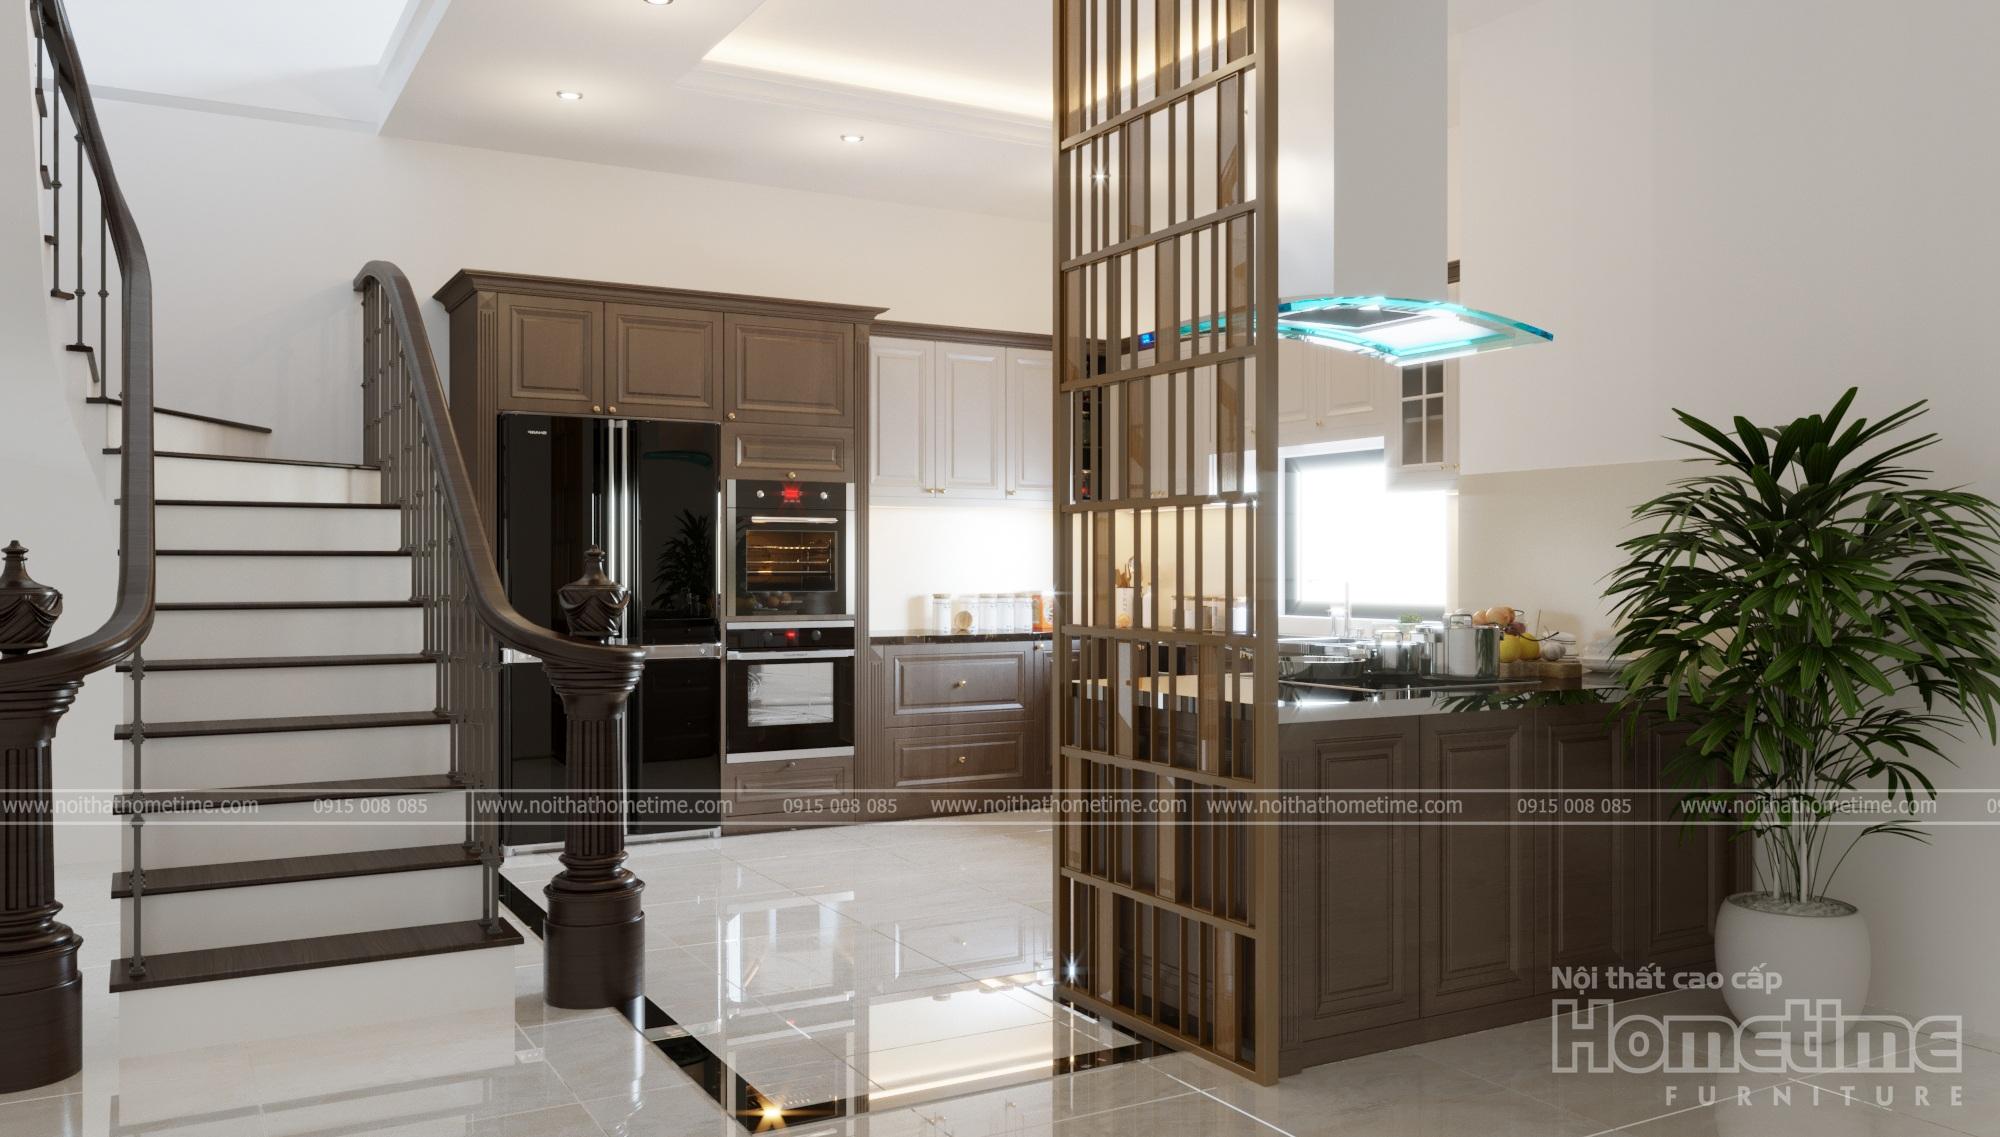 mẫu thiết kế tủ bếp phong cách tân cổ điển nhà chú Vĩnh 001